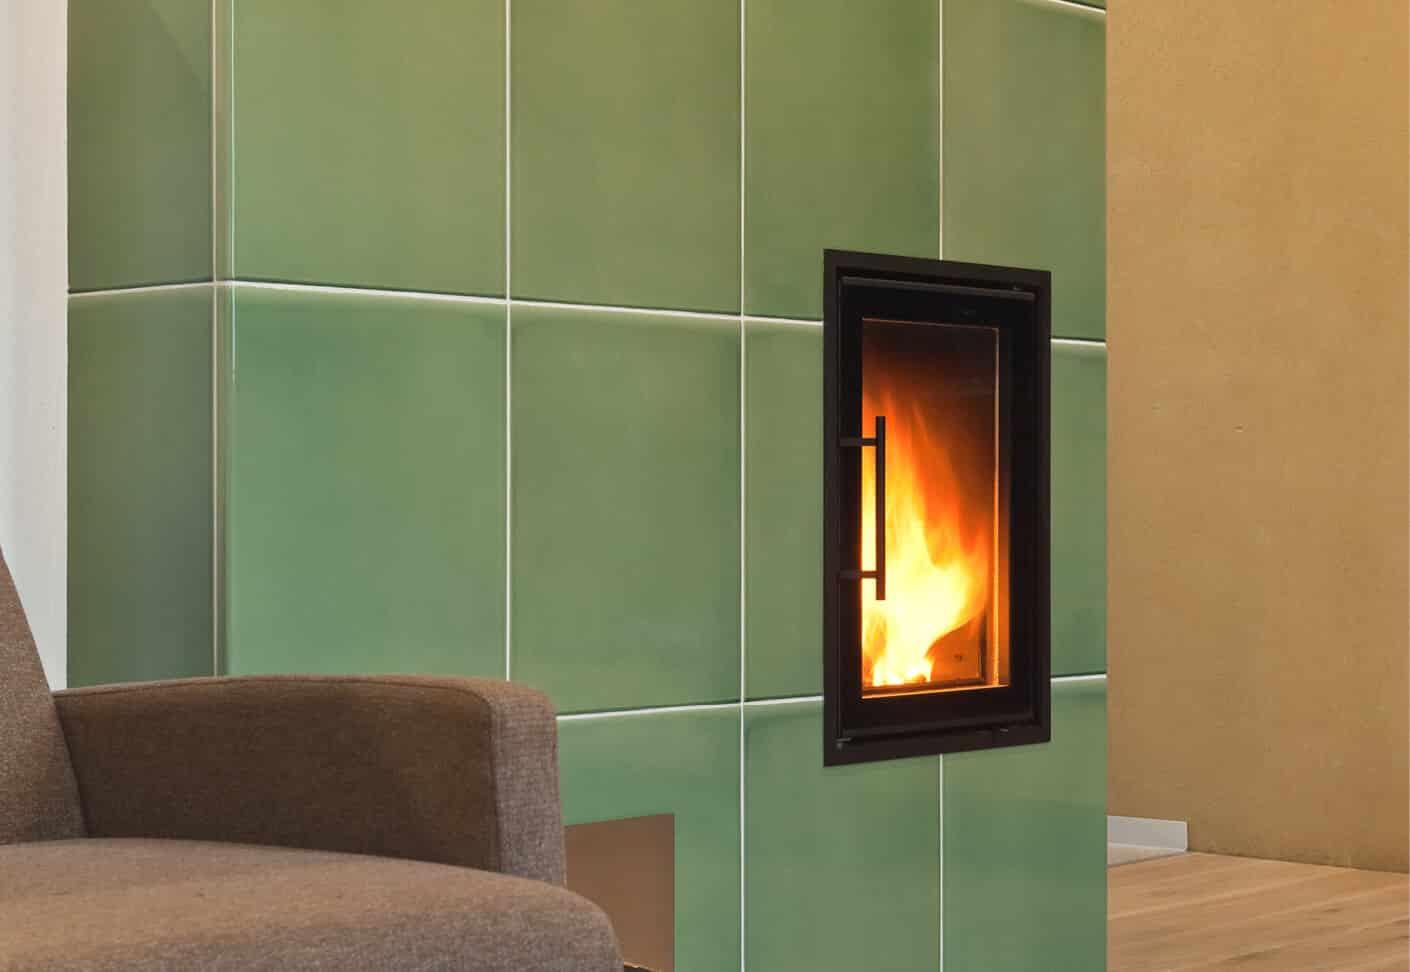 grüner Ofen mit kleinem Fenster